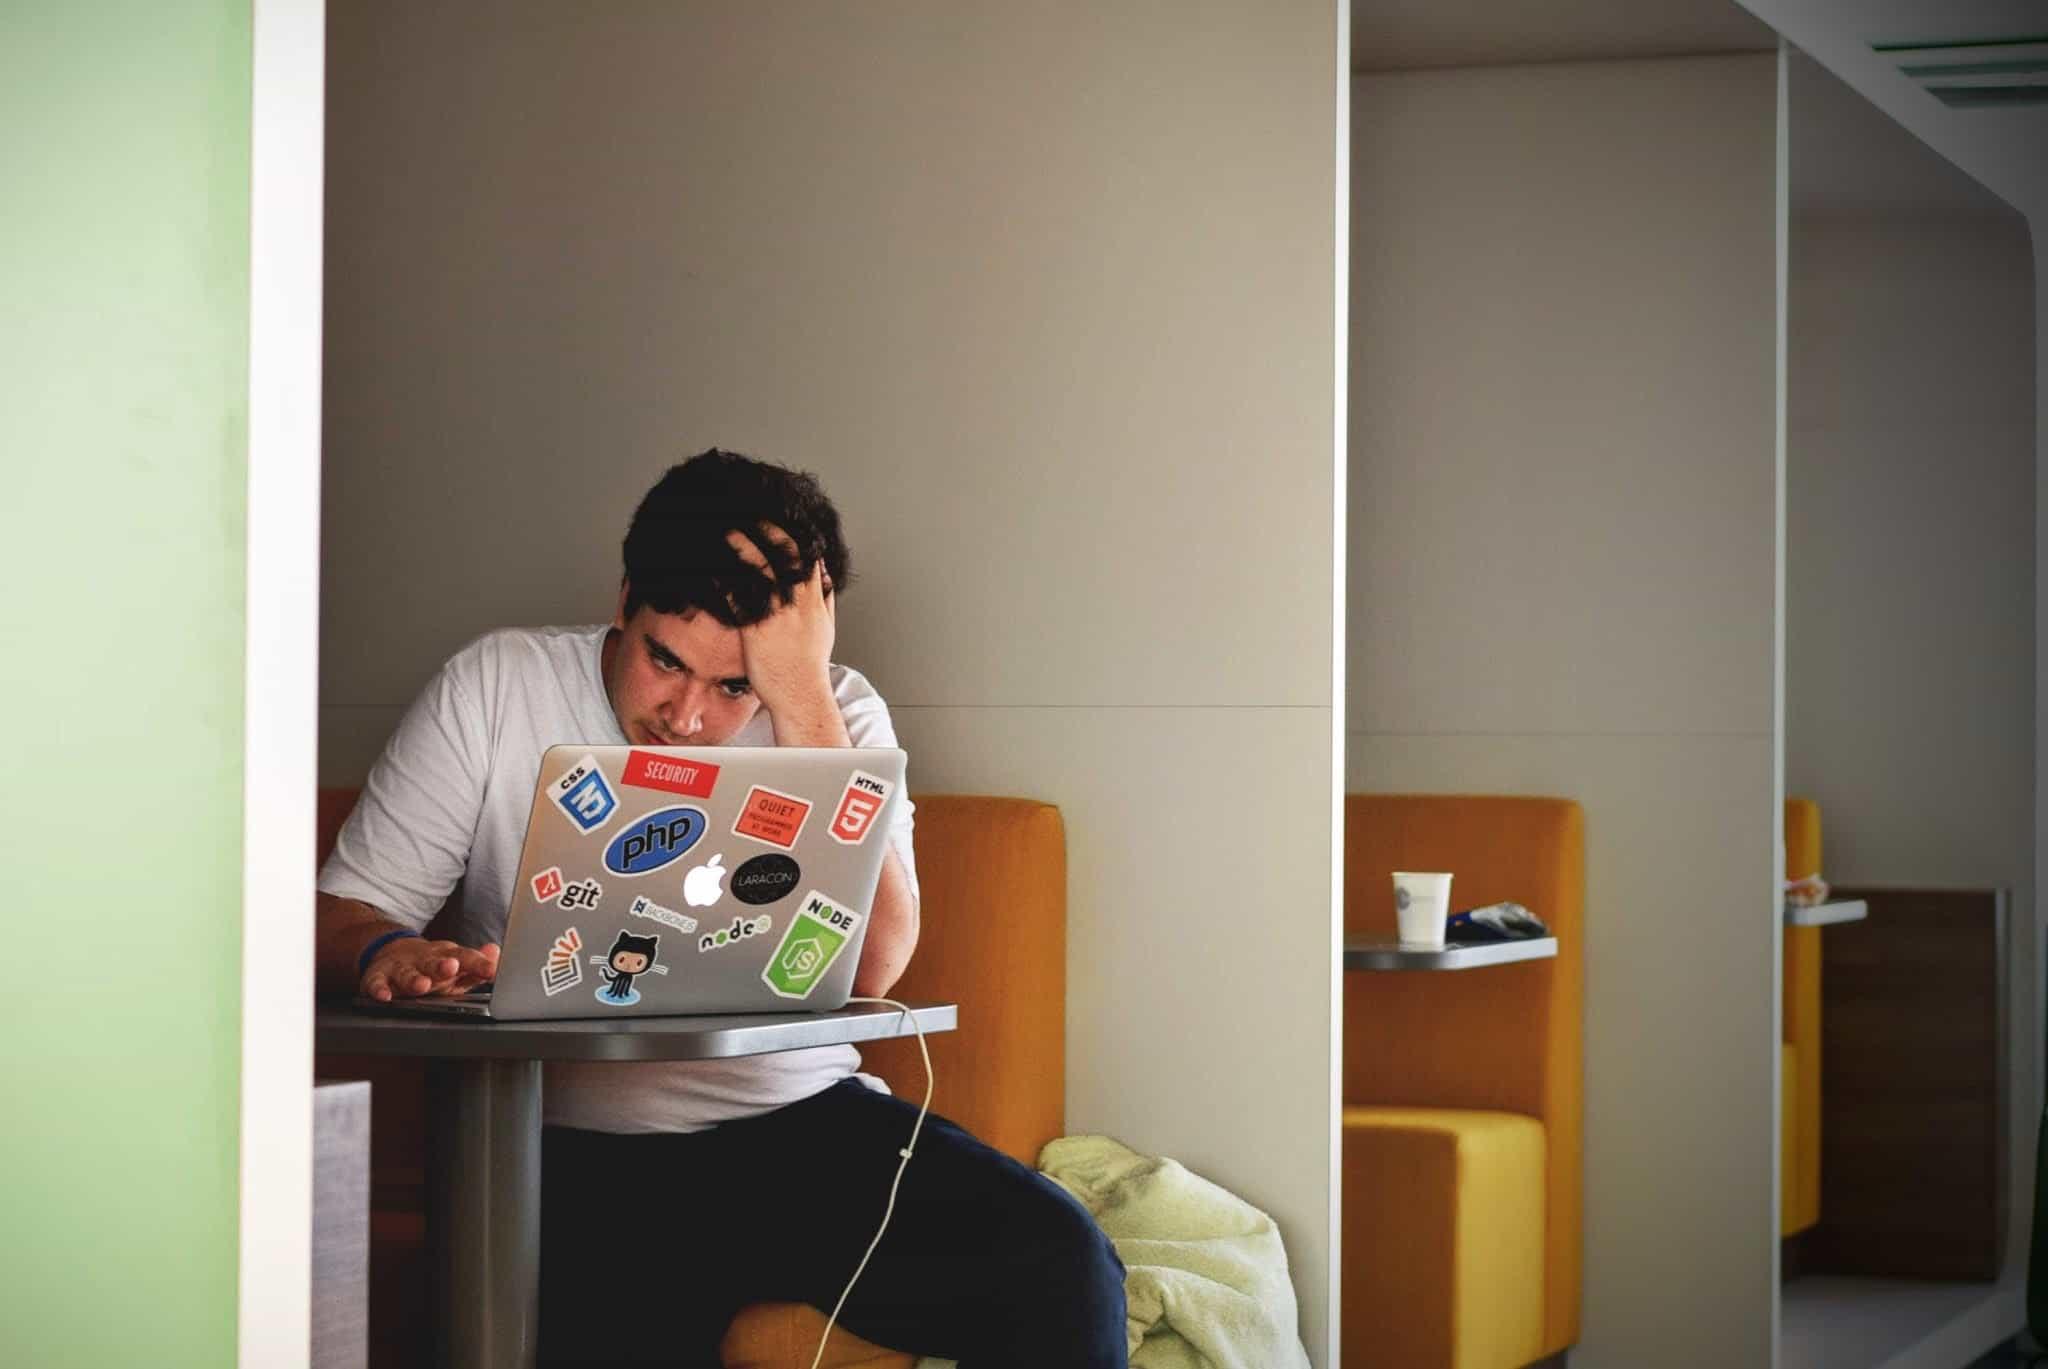 Mann sitzt verzweifel am Laptop